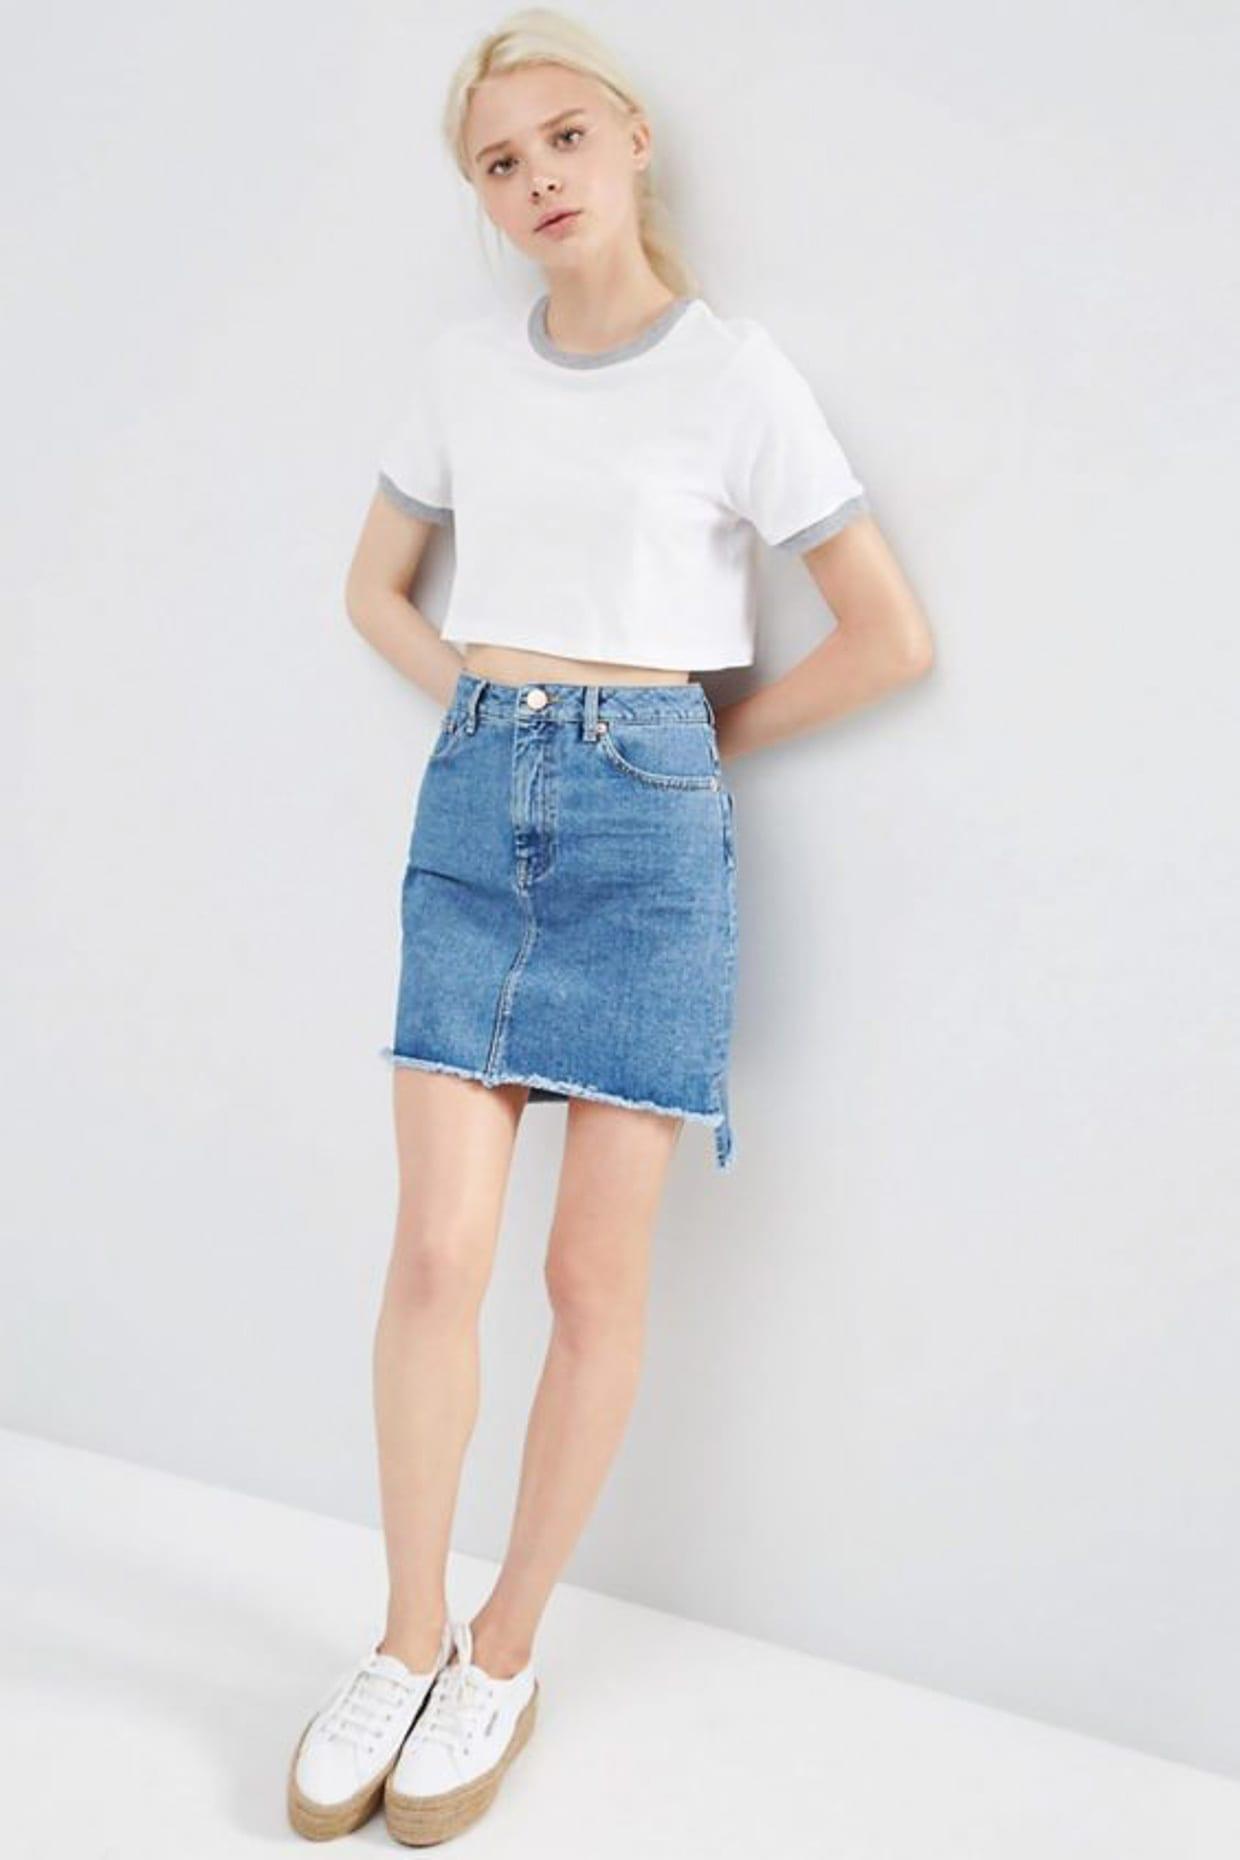 9abc9533e6ce ASOS Self Portrait Azaelea Dress ASOS Affiliate Ad Style